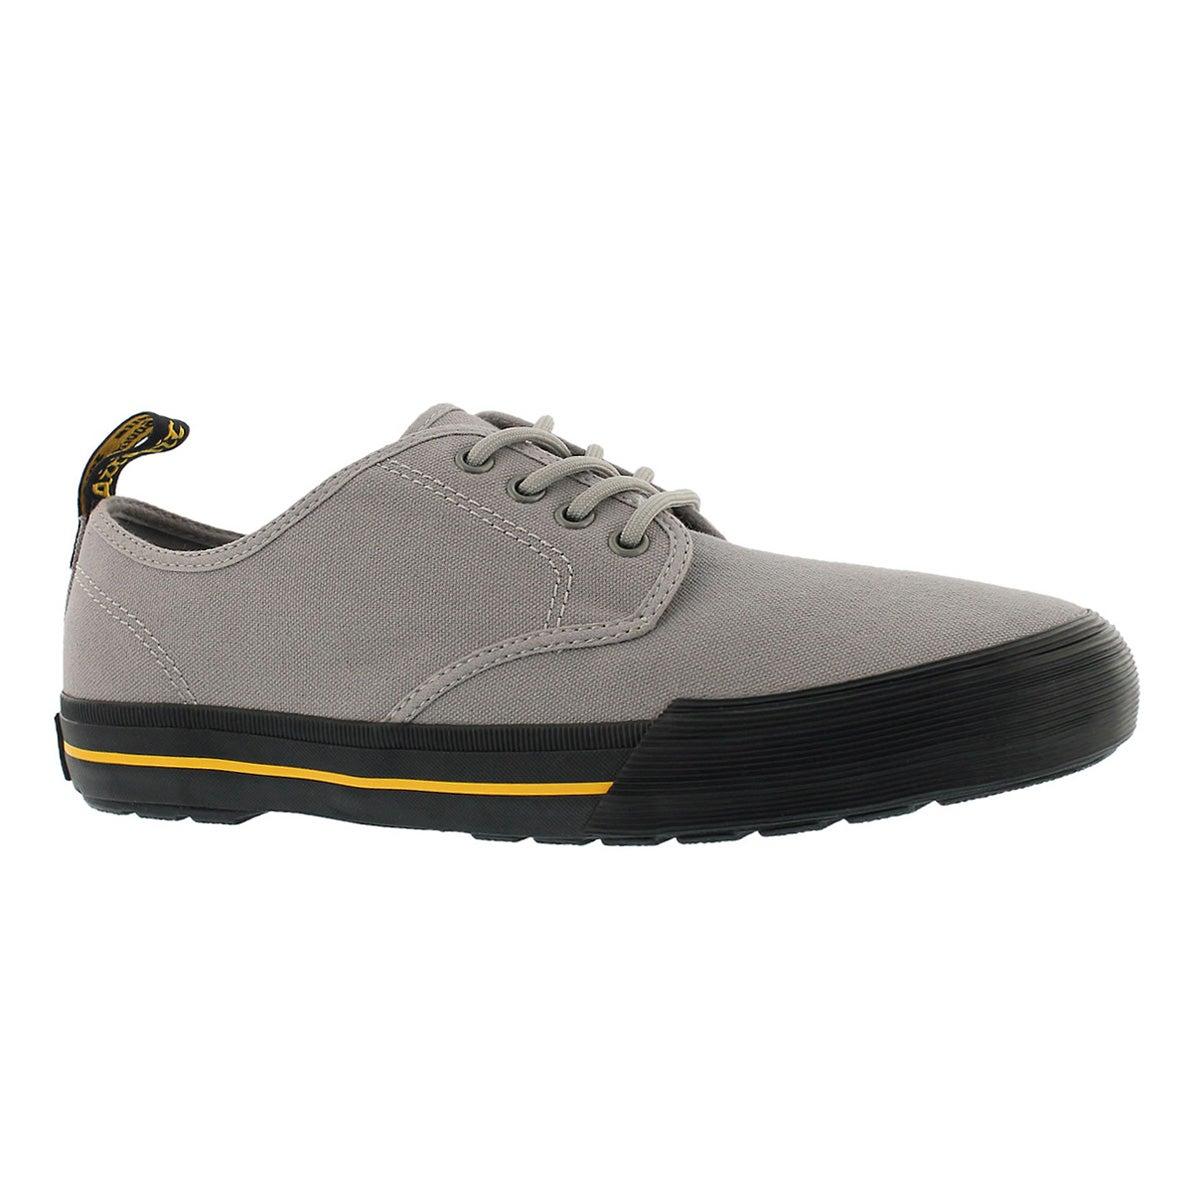 Men's PRESSLER mid grey lace up sneakers